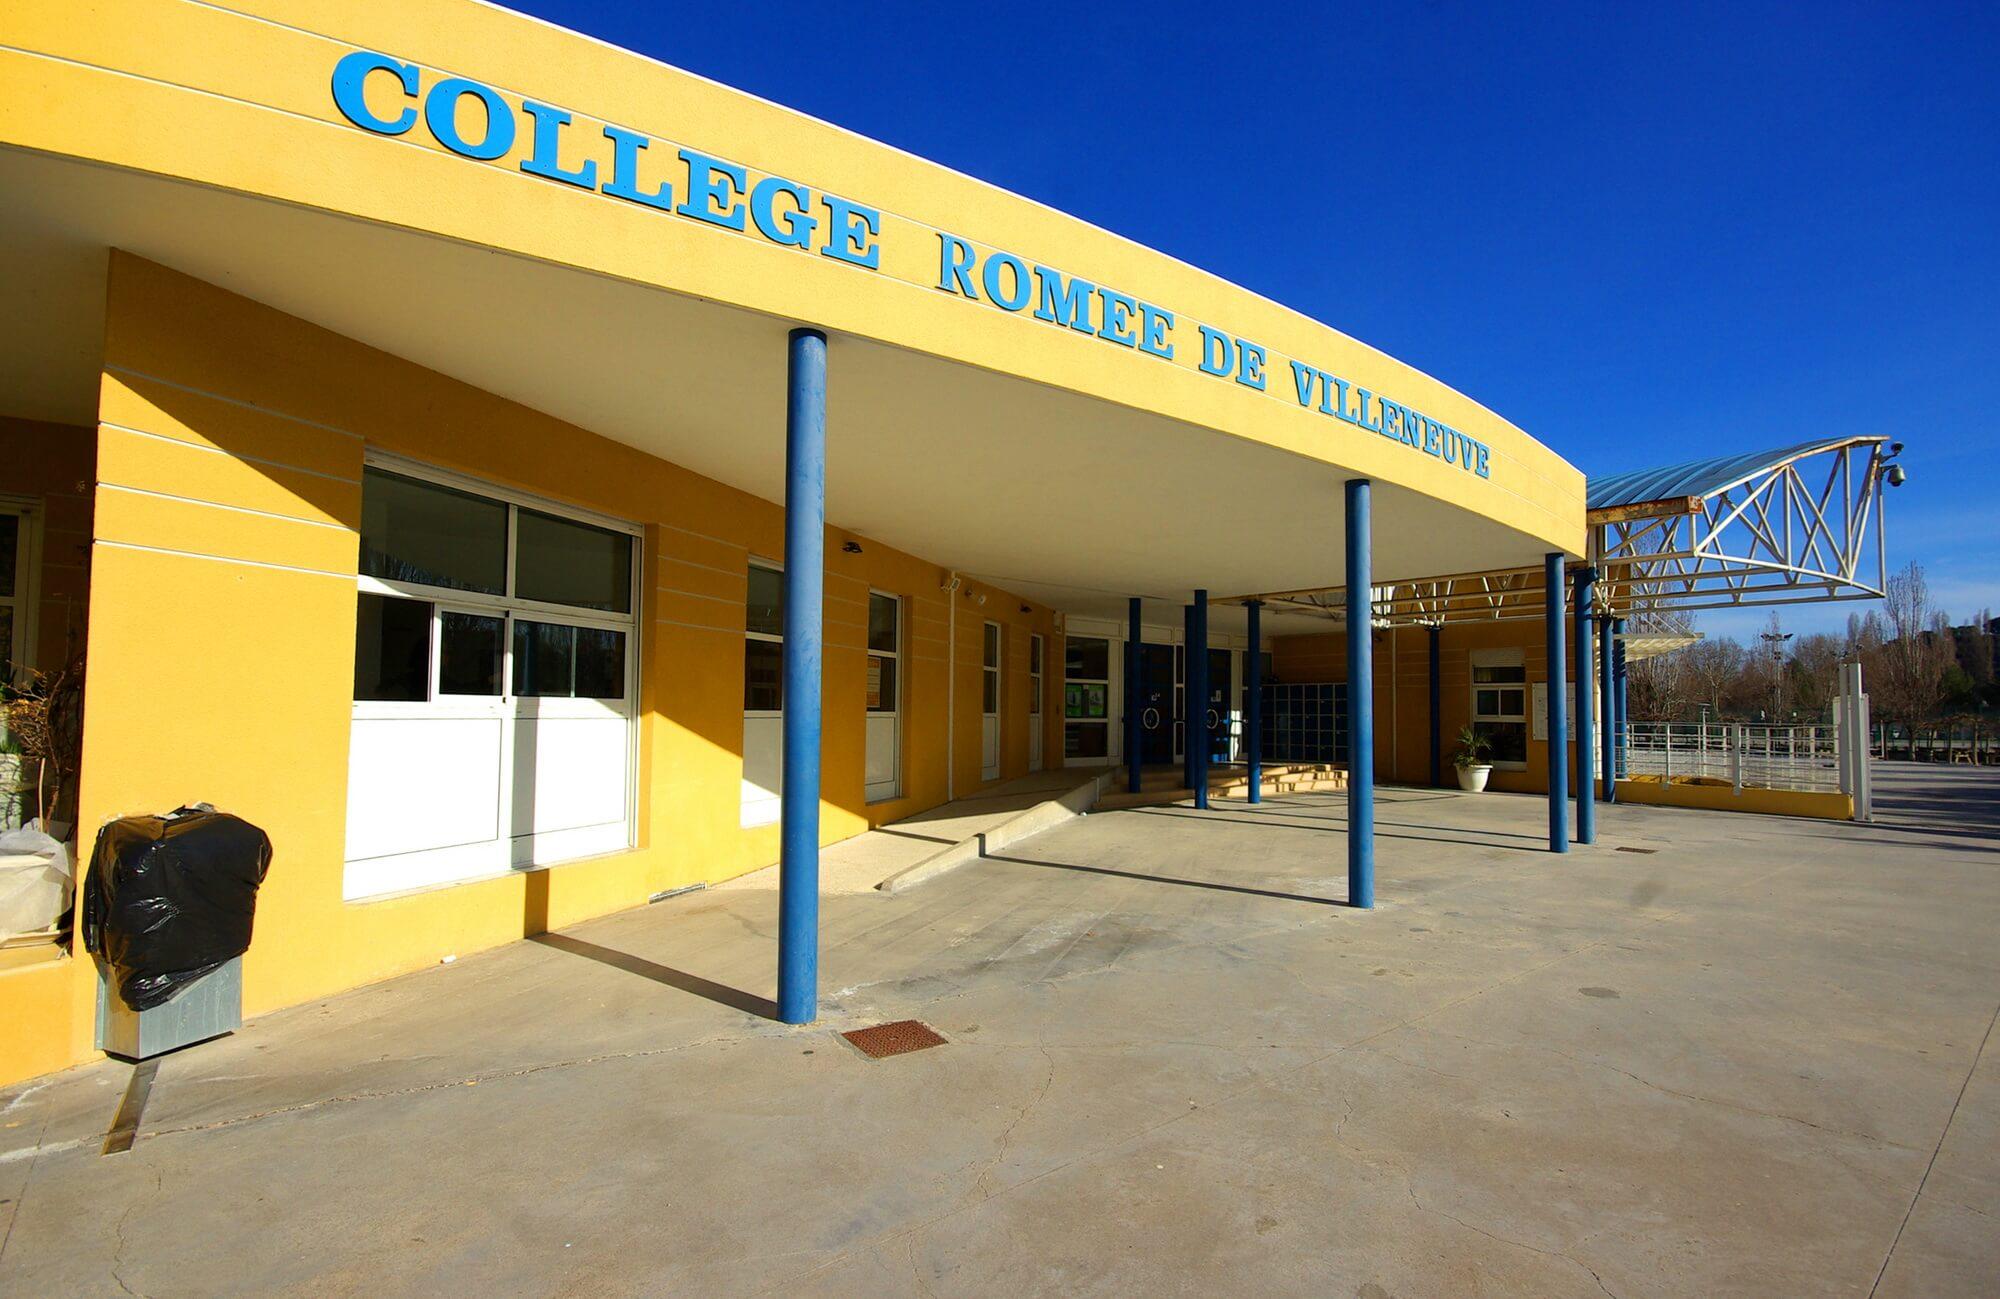 college-romee-01